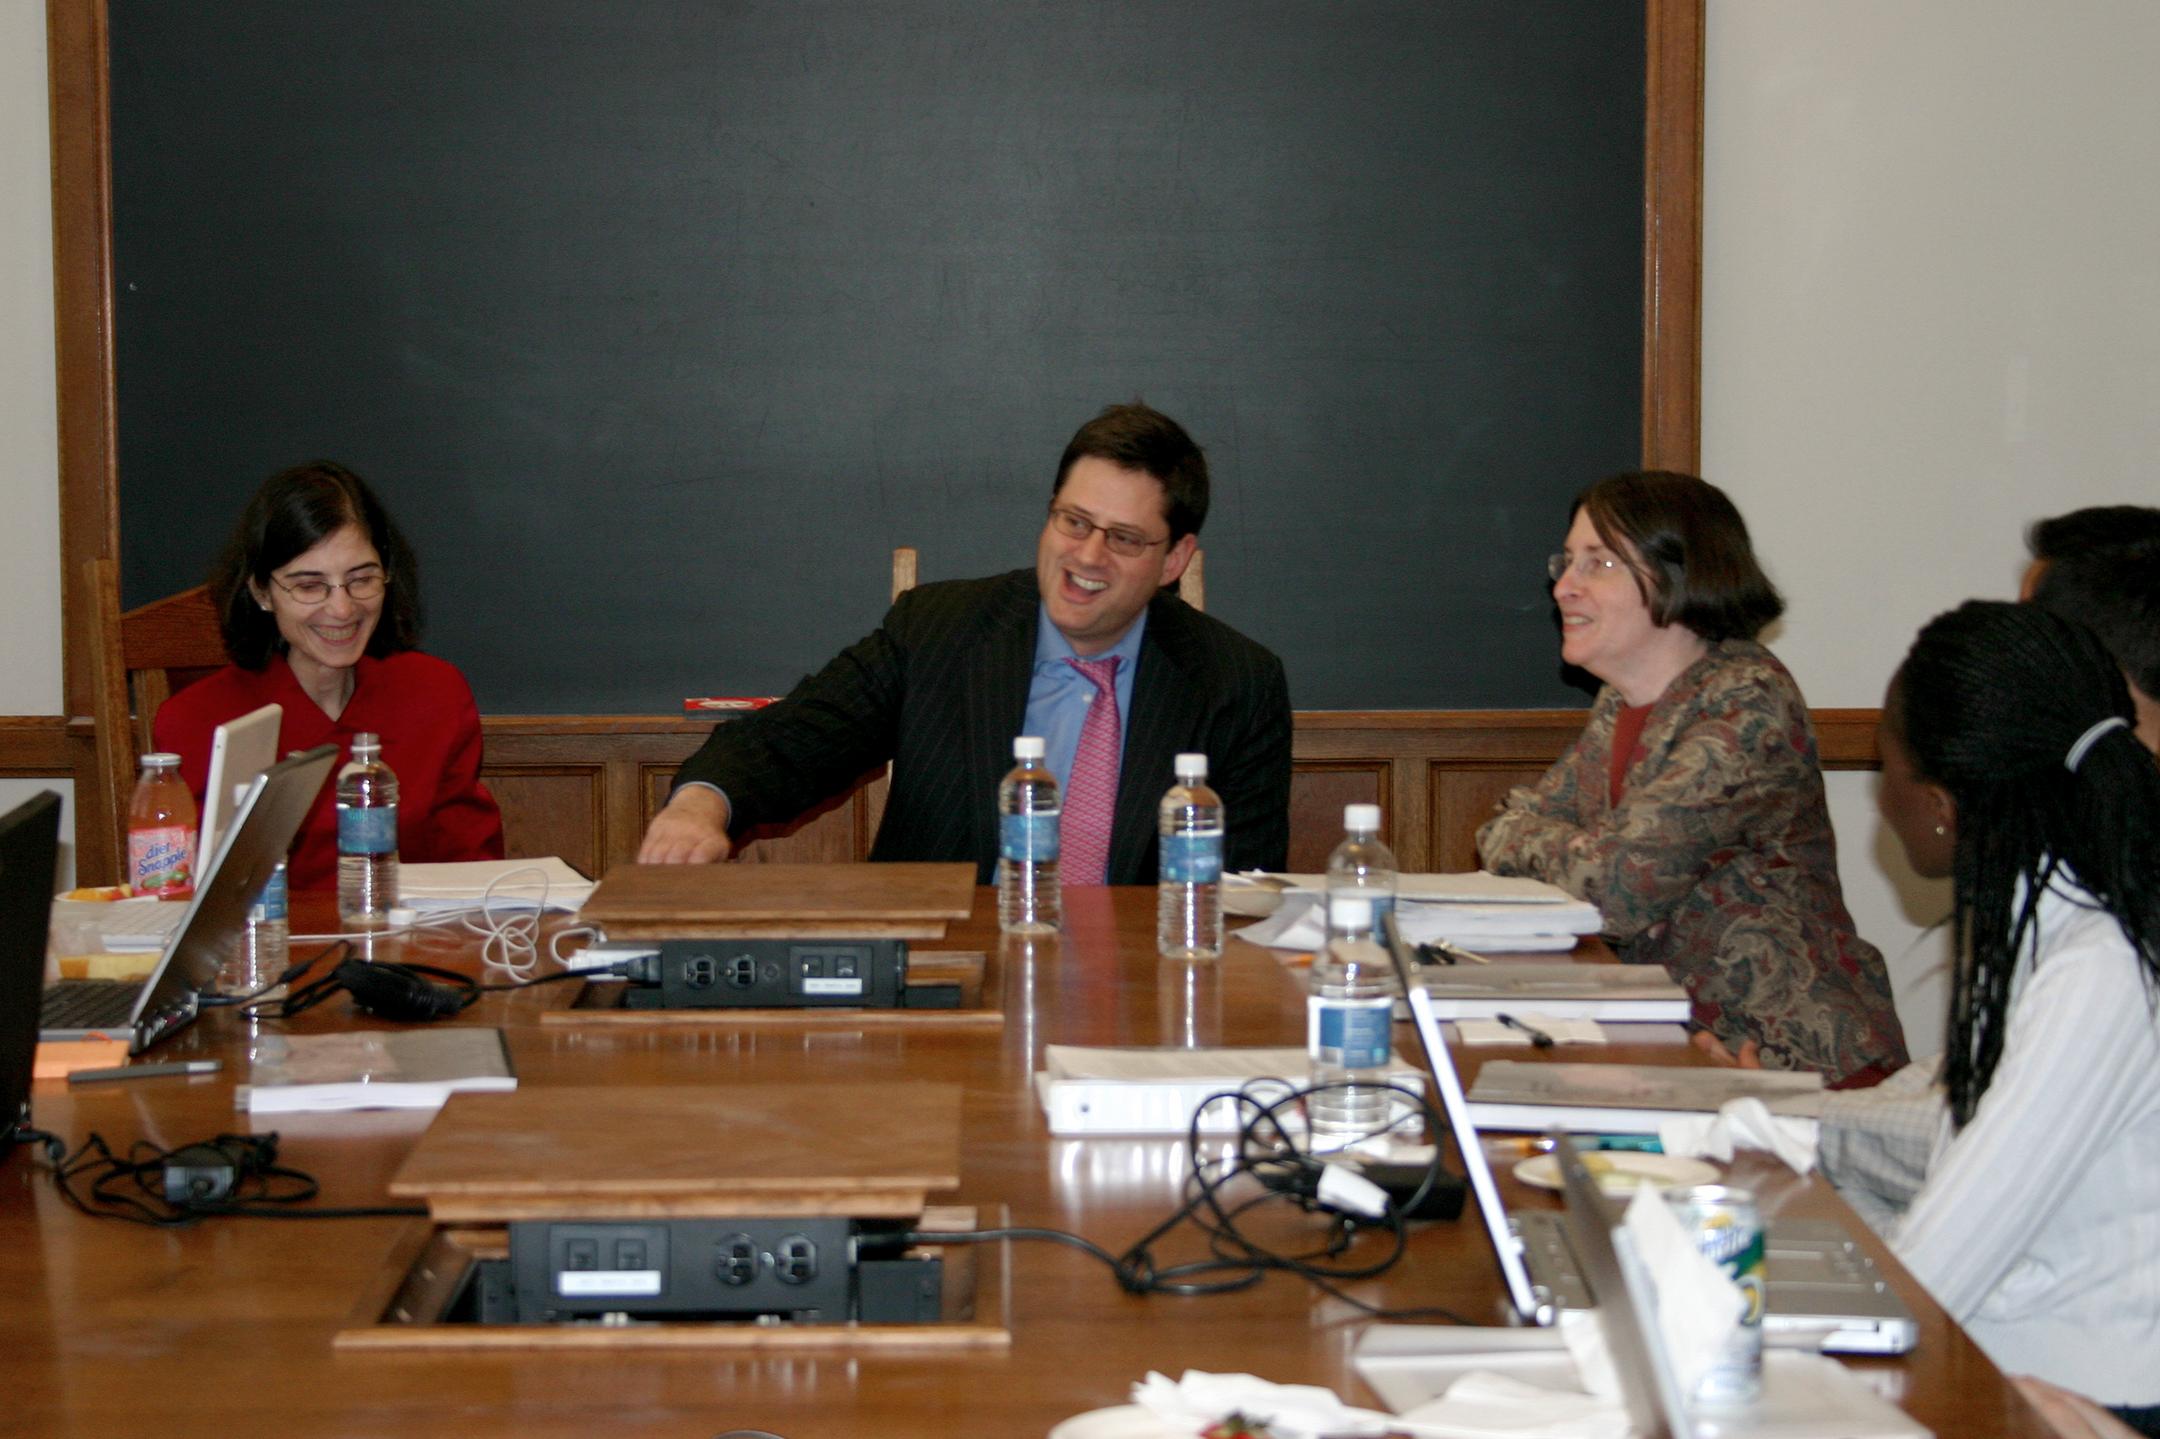 Rosa Testani '88, Stewart Kagan '85, and colloquium class